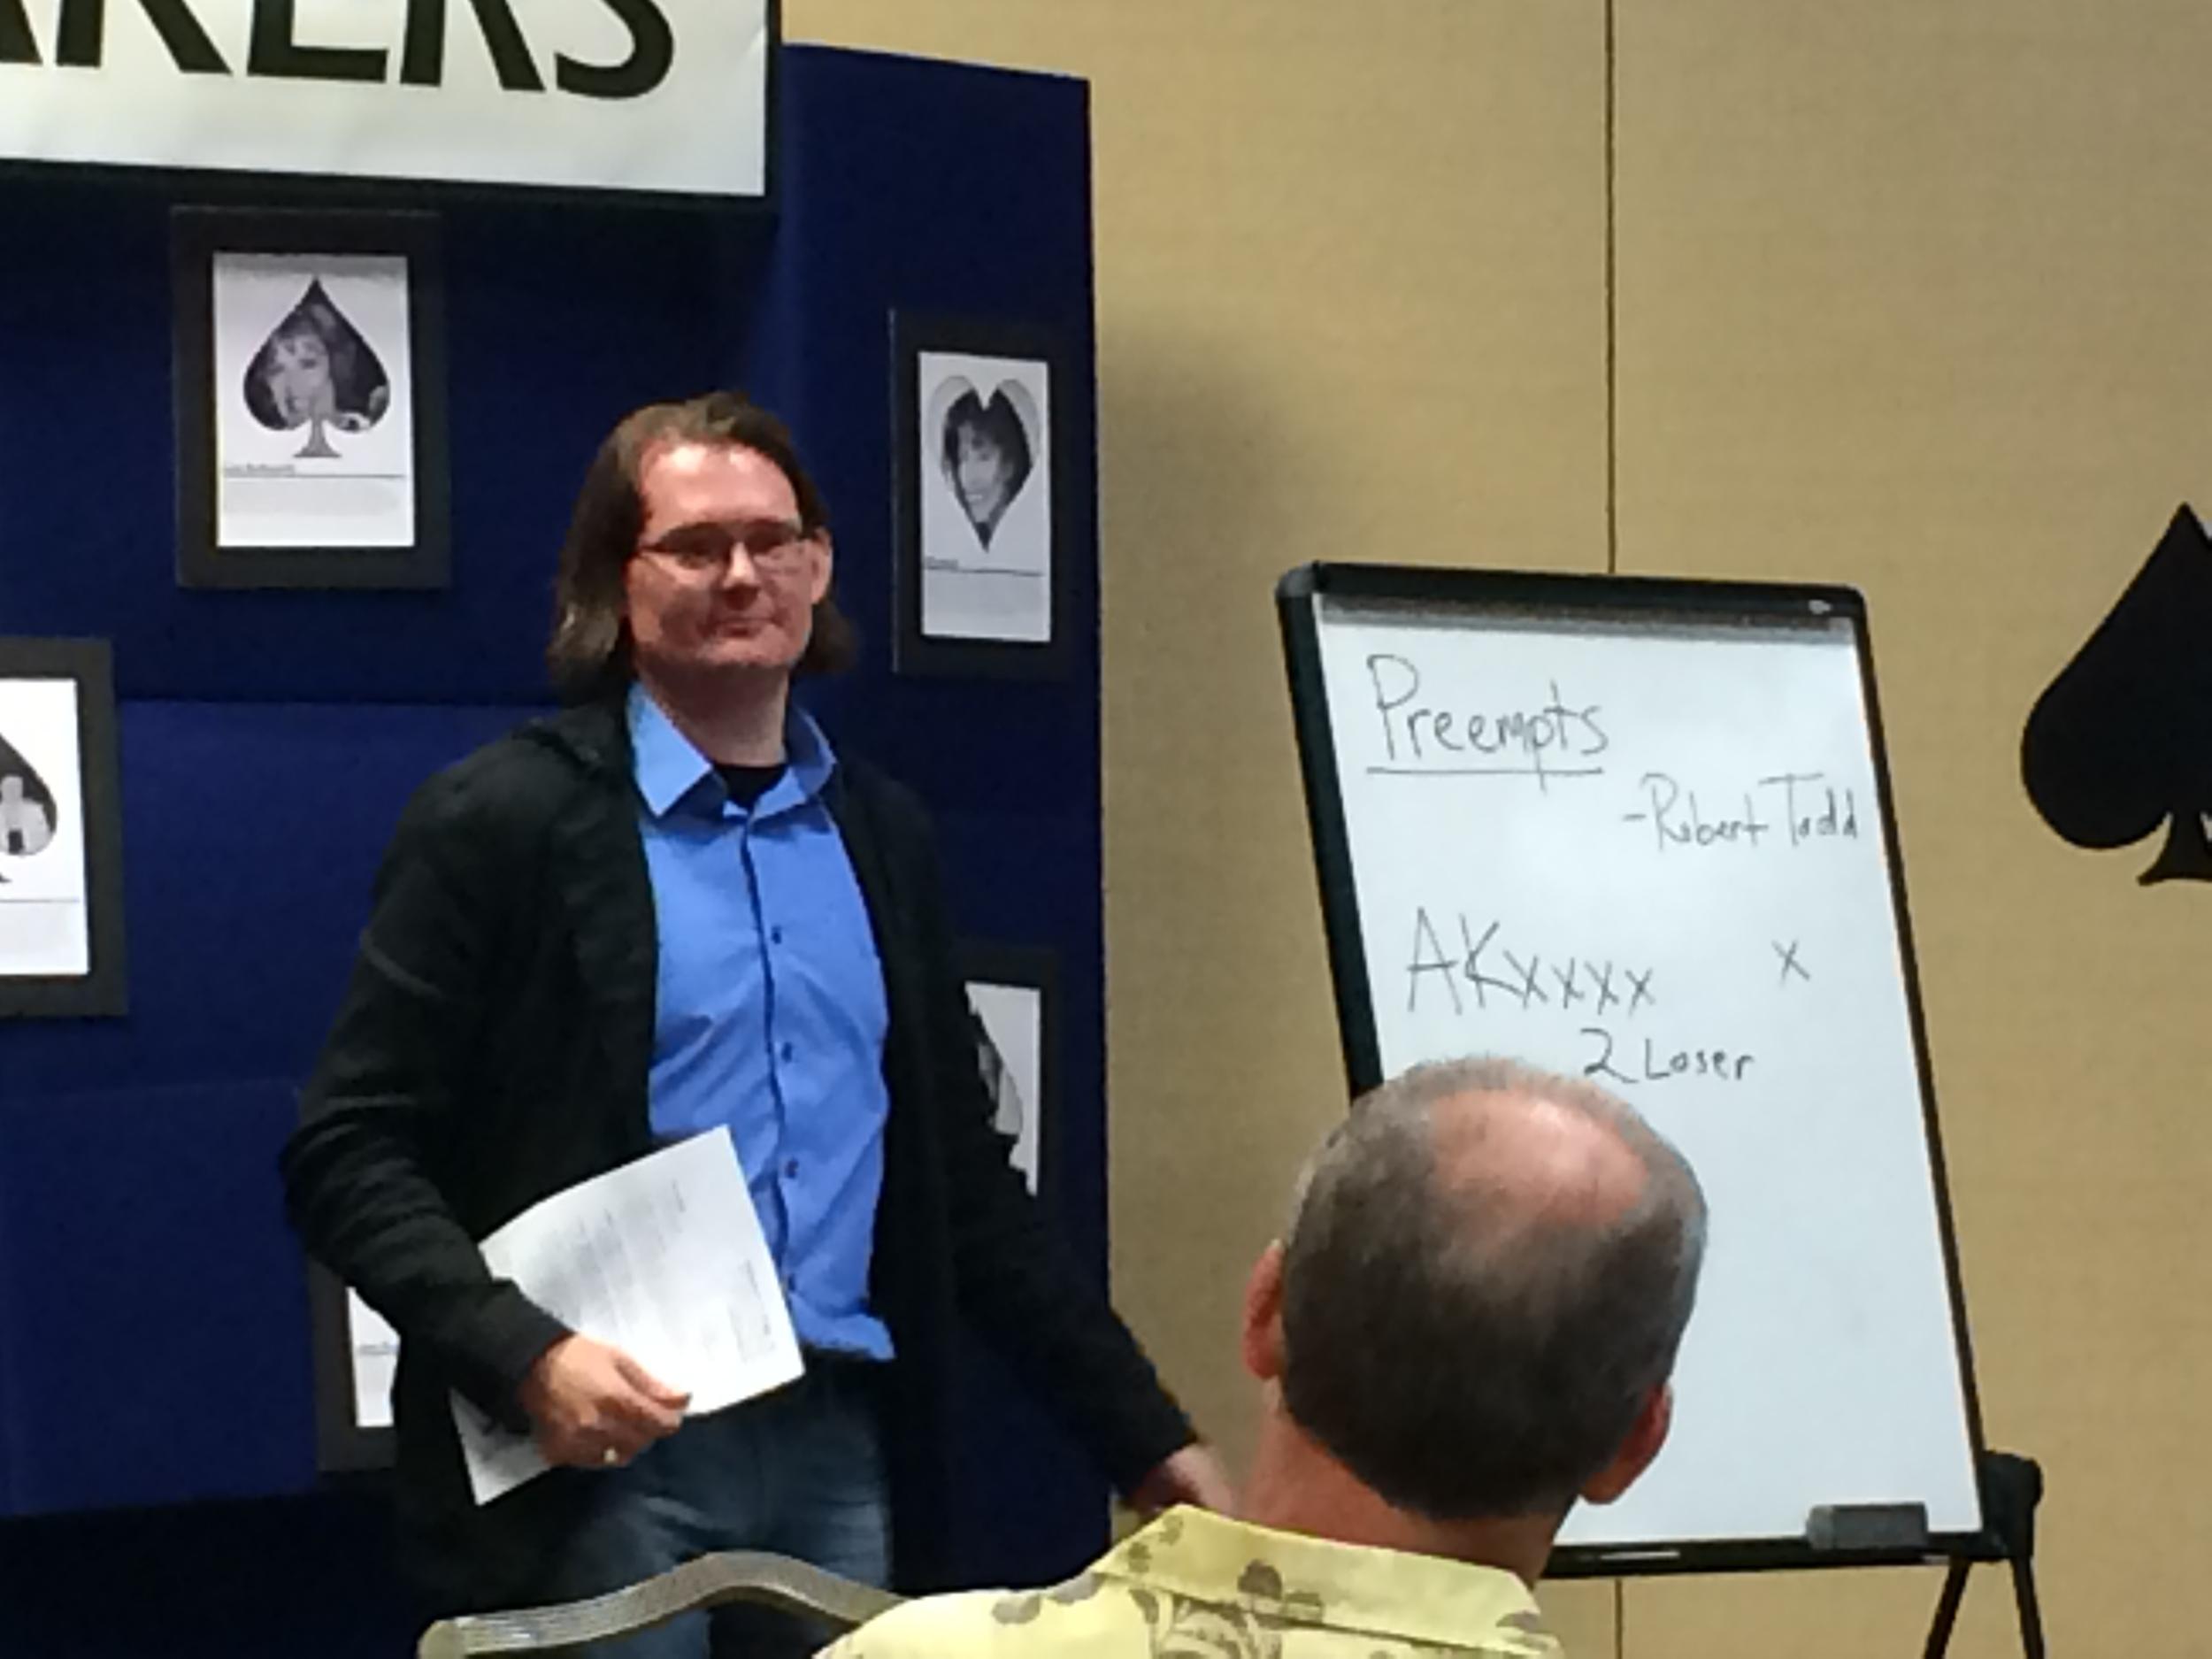 Robert teaching, Las Vegas, NV